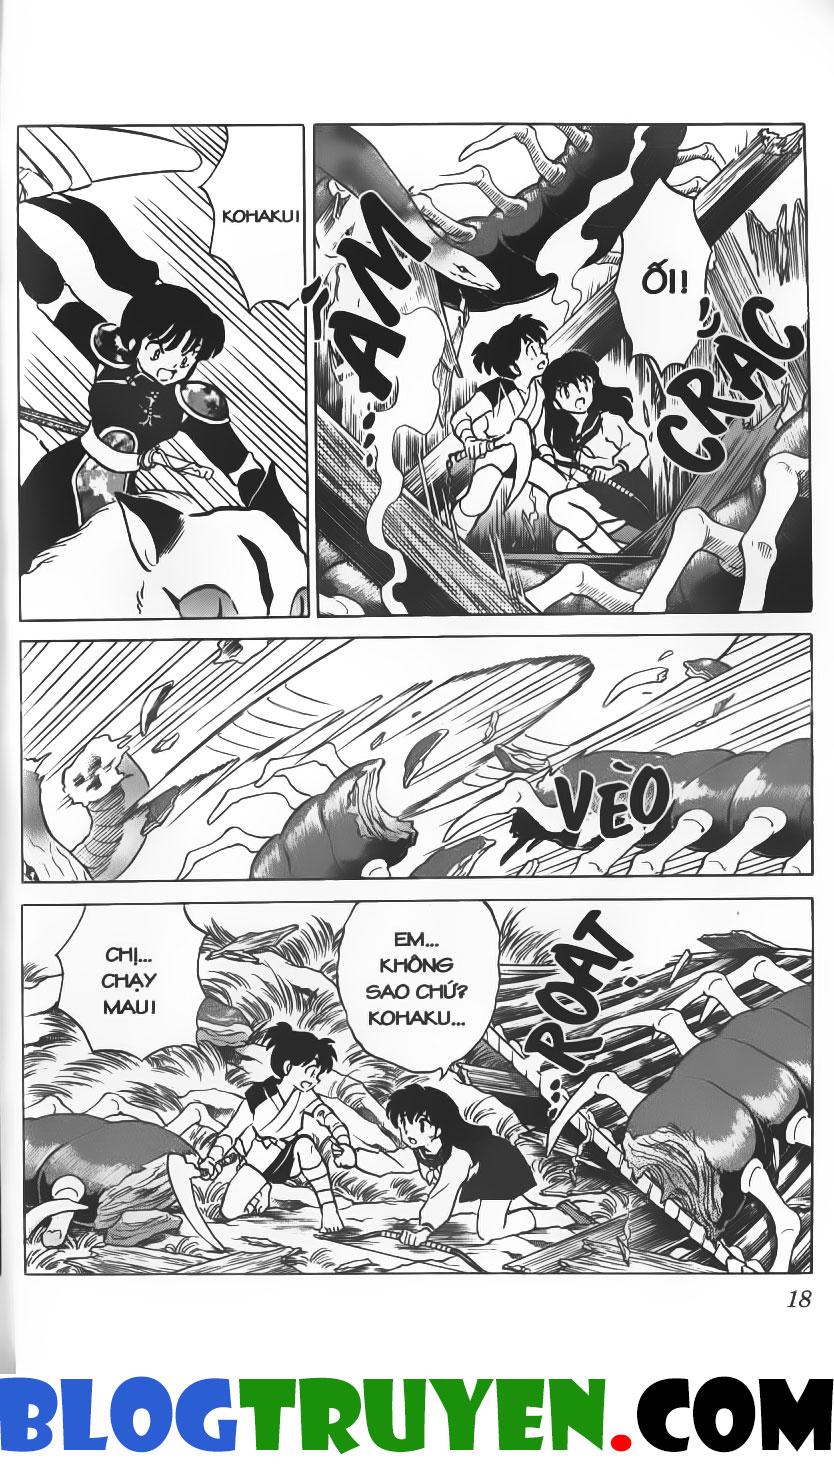 Inuyasha vol 19.1 trang 16